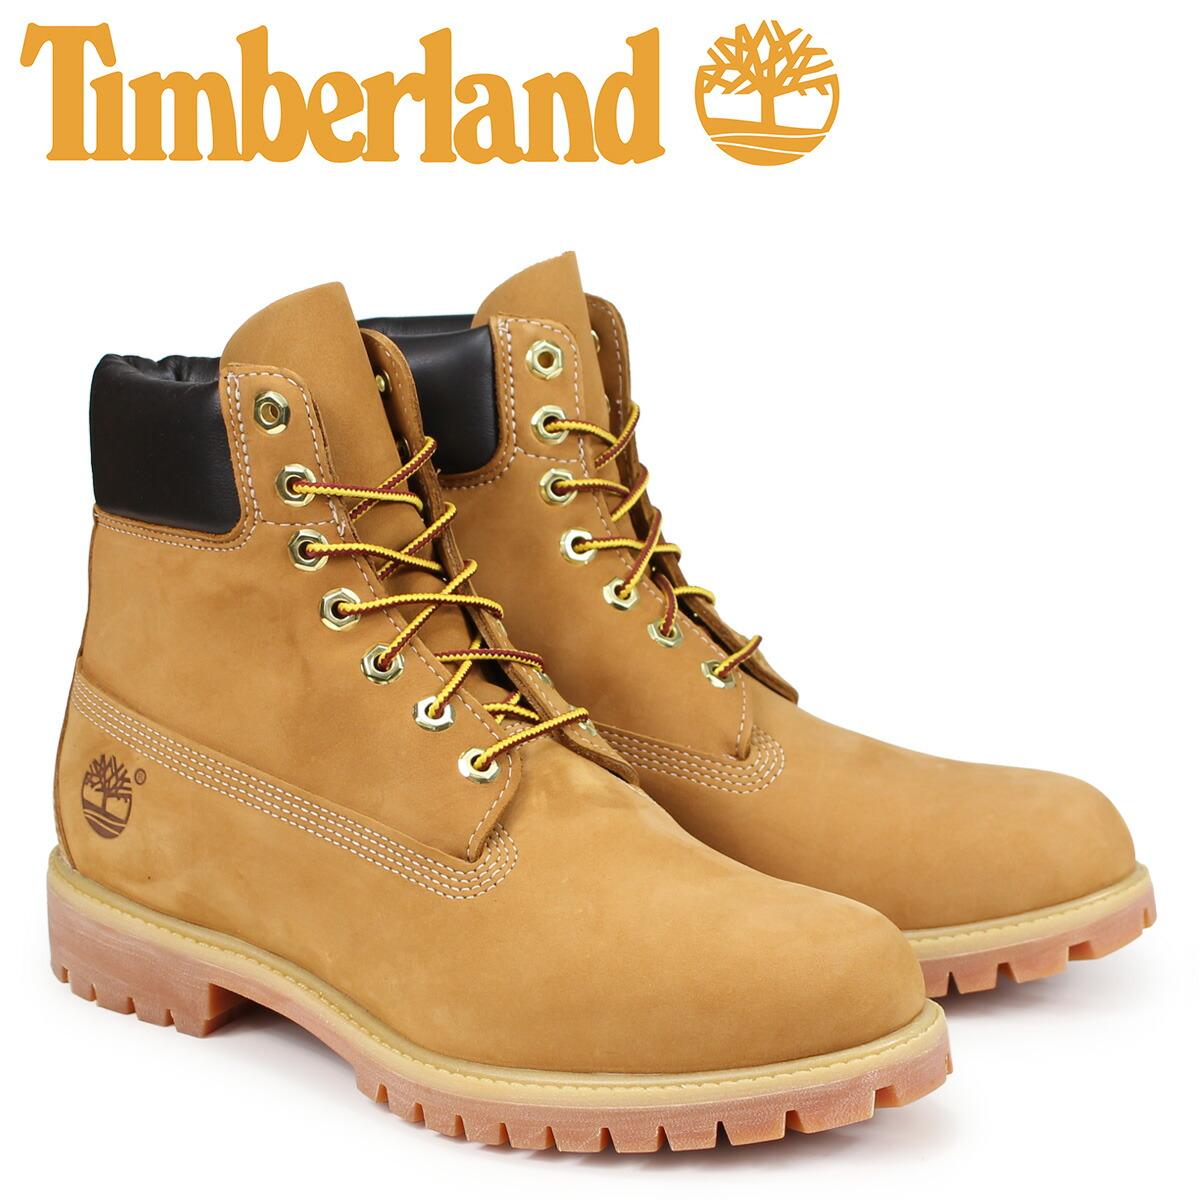 Kaufen Herren Timberland Schuhe 2019 10061 Whe Timberland 6